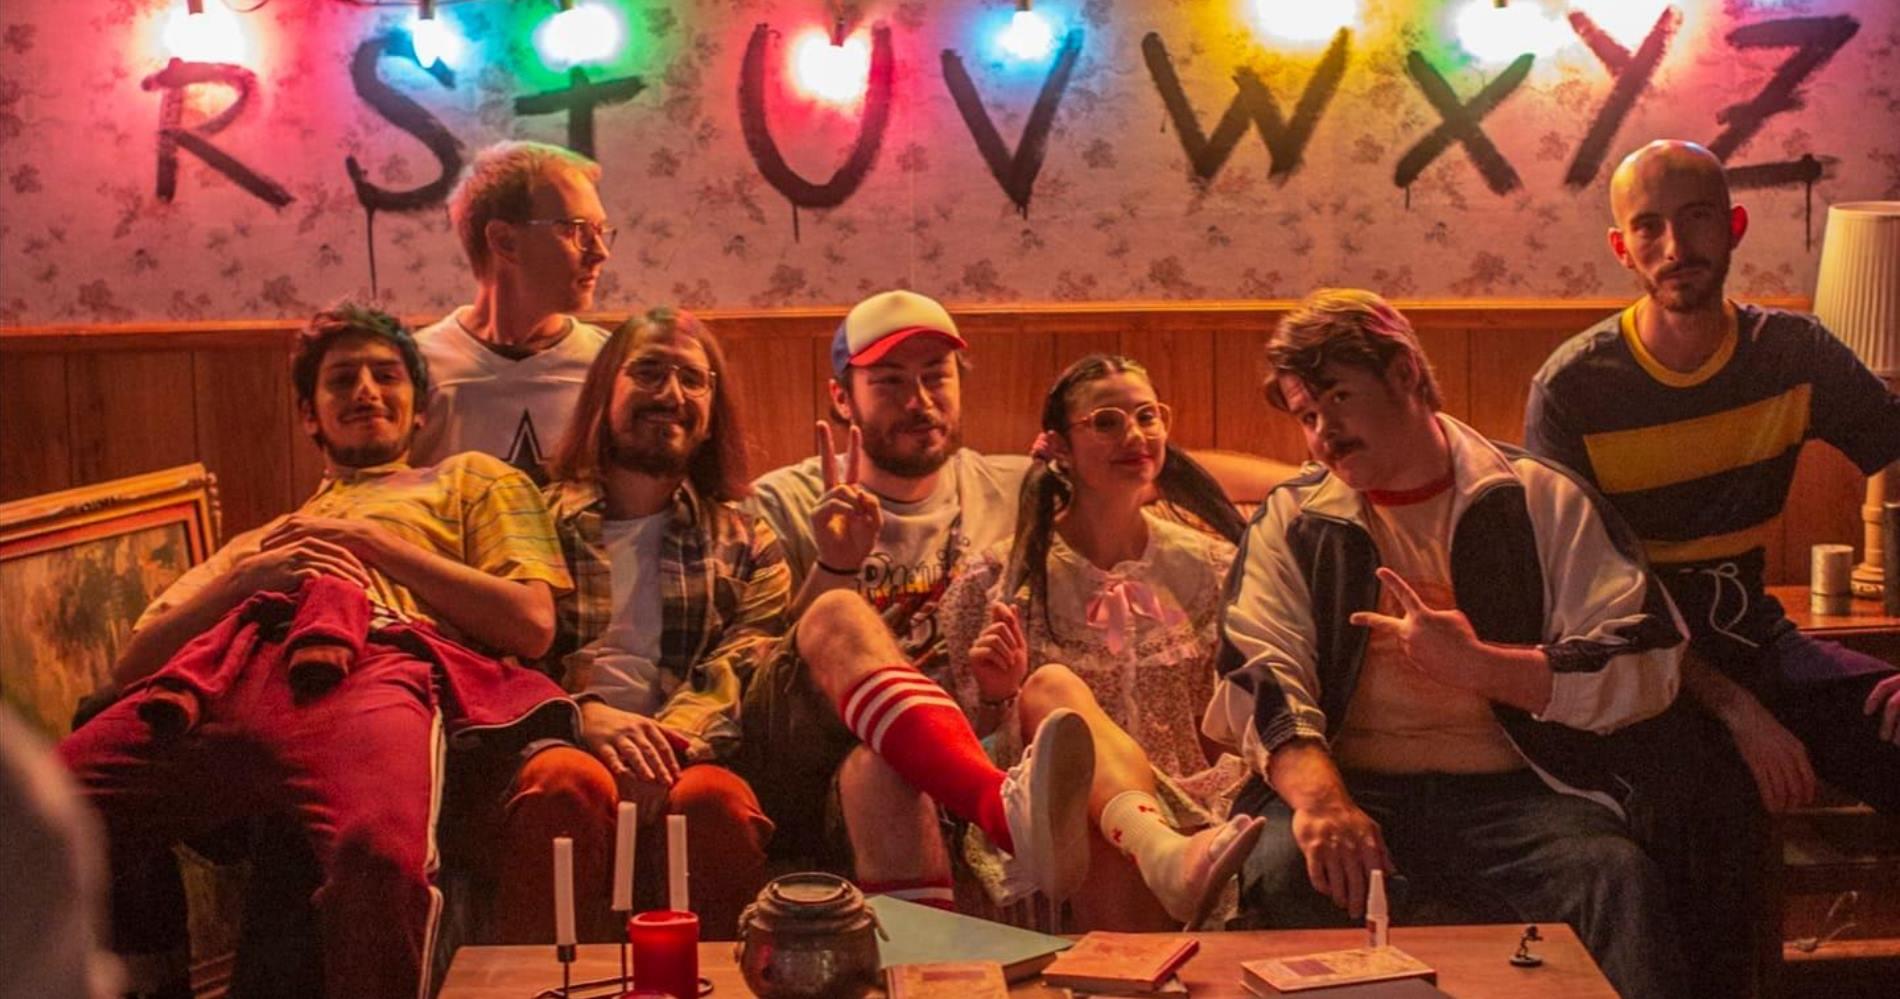 """<span class=""""entry-title-primary"""">Pinguini Tattici Nucleari: un successo a suon di cinema e serie tv</span> <span class=""""entry-subtitle"""">""""La storia infinita"""" spopola omaggiando """"Stranger Things"""" e il gruppo bergamasco si conferma una delle più interessanti band della musica italiana. </span>"""